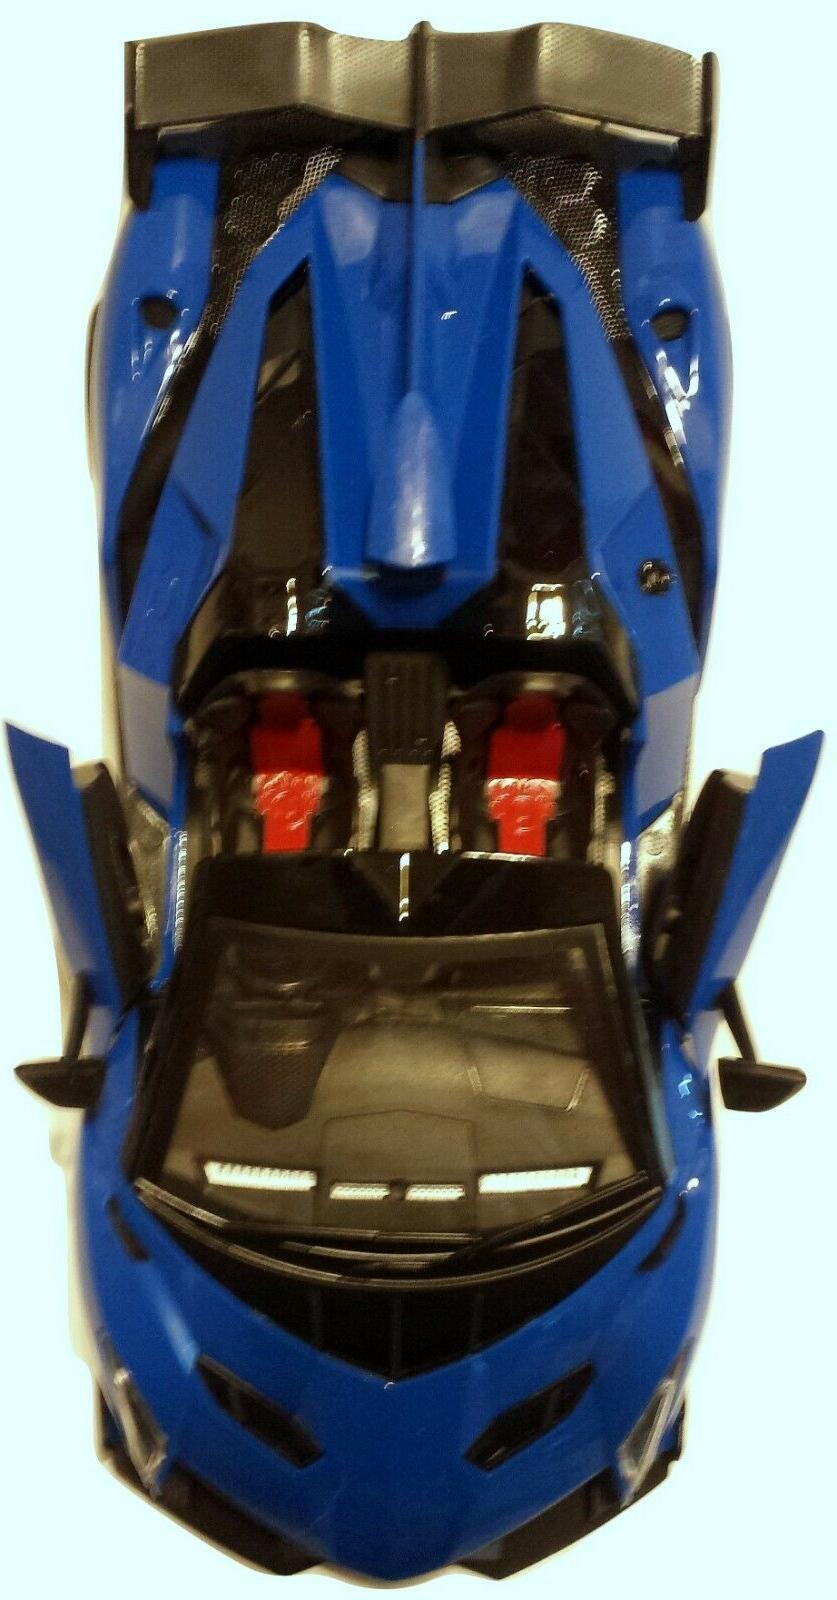 Remote Control Toy Battery Lamborghini -1/14